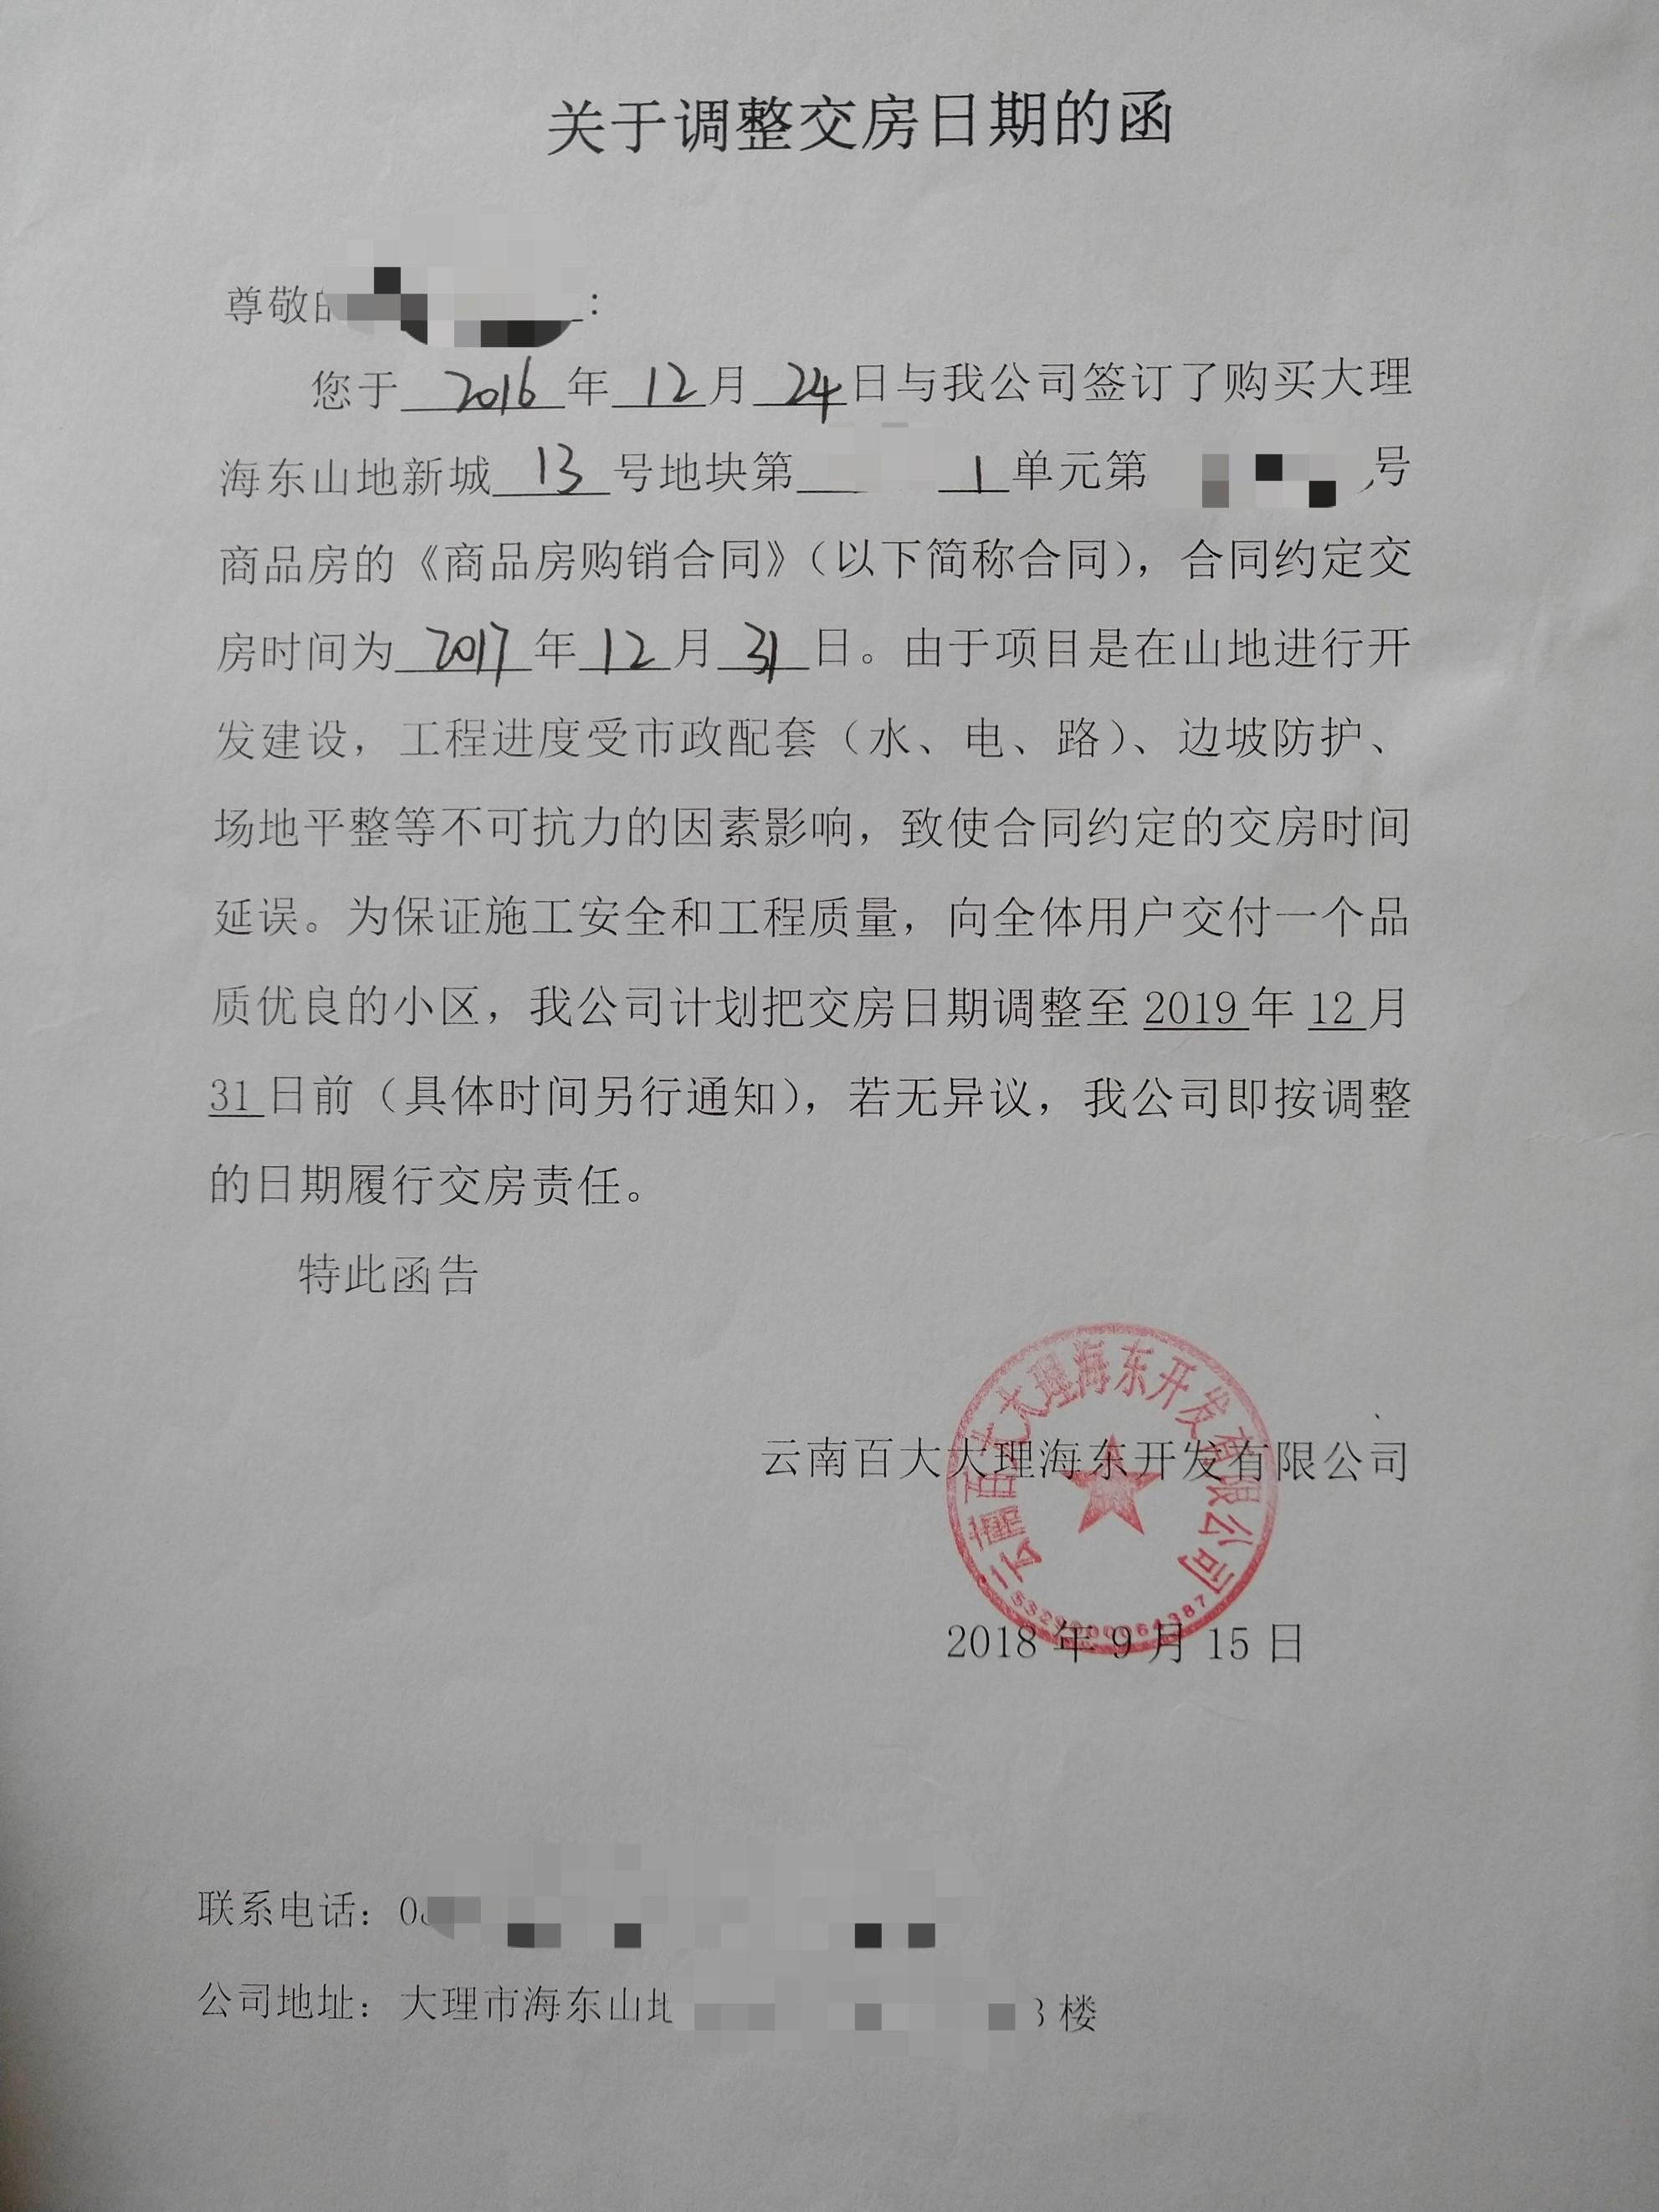 大理北京湾八百户延期交房约3年 管委会:已拨款开工、年底交付